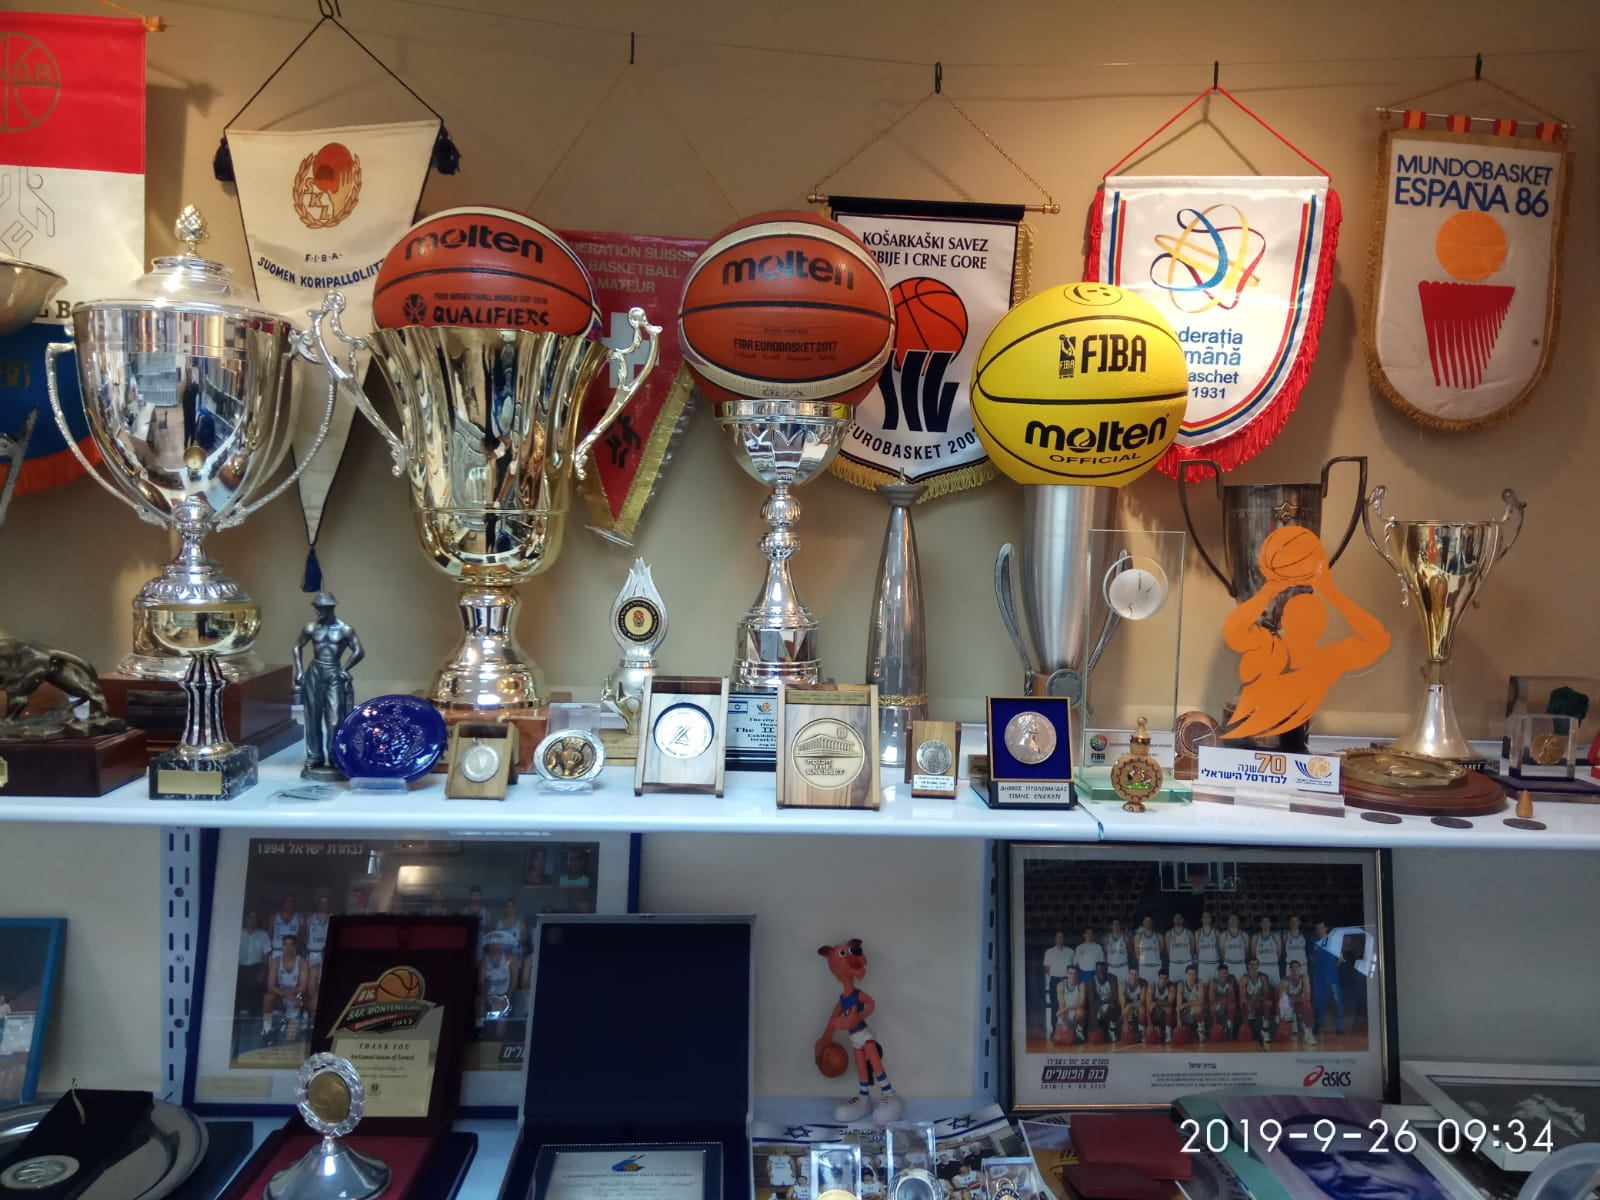 המוזיאון ההיסטורי של הכדורסל הישראלי פתוח וממתין למבקרים